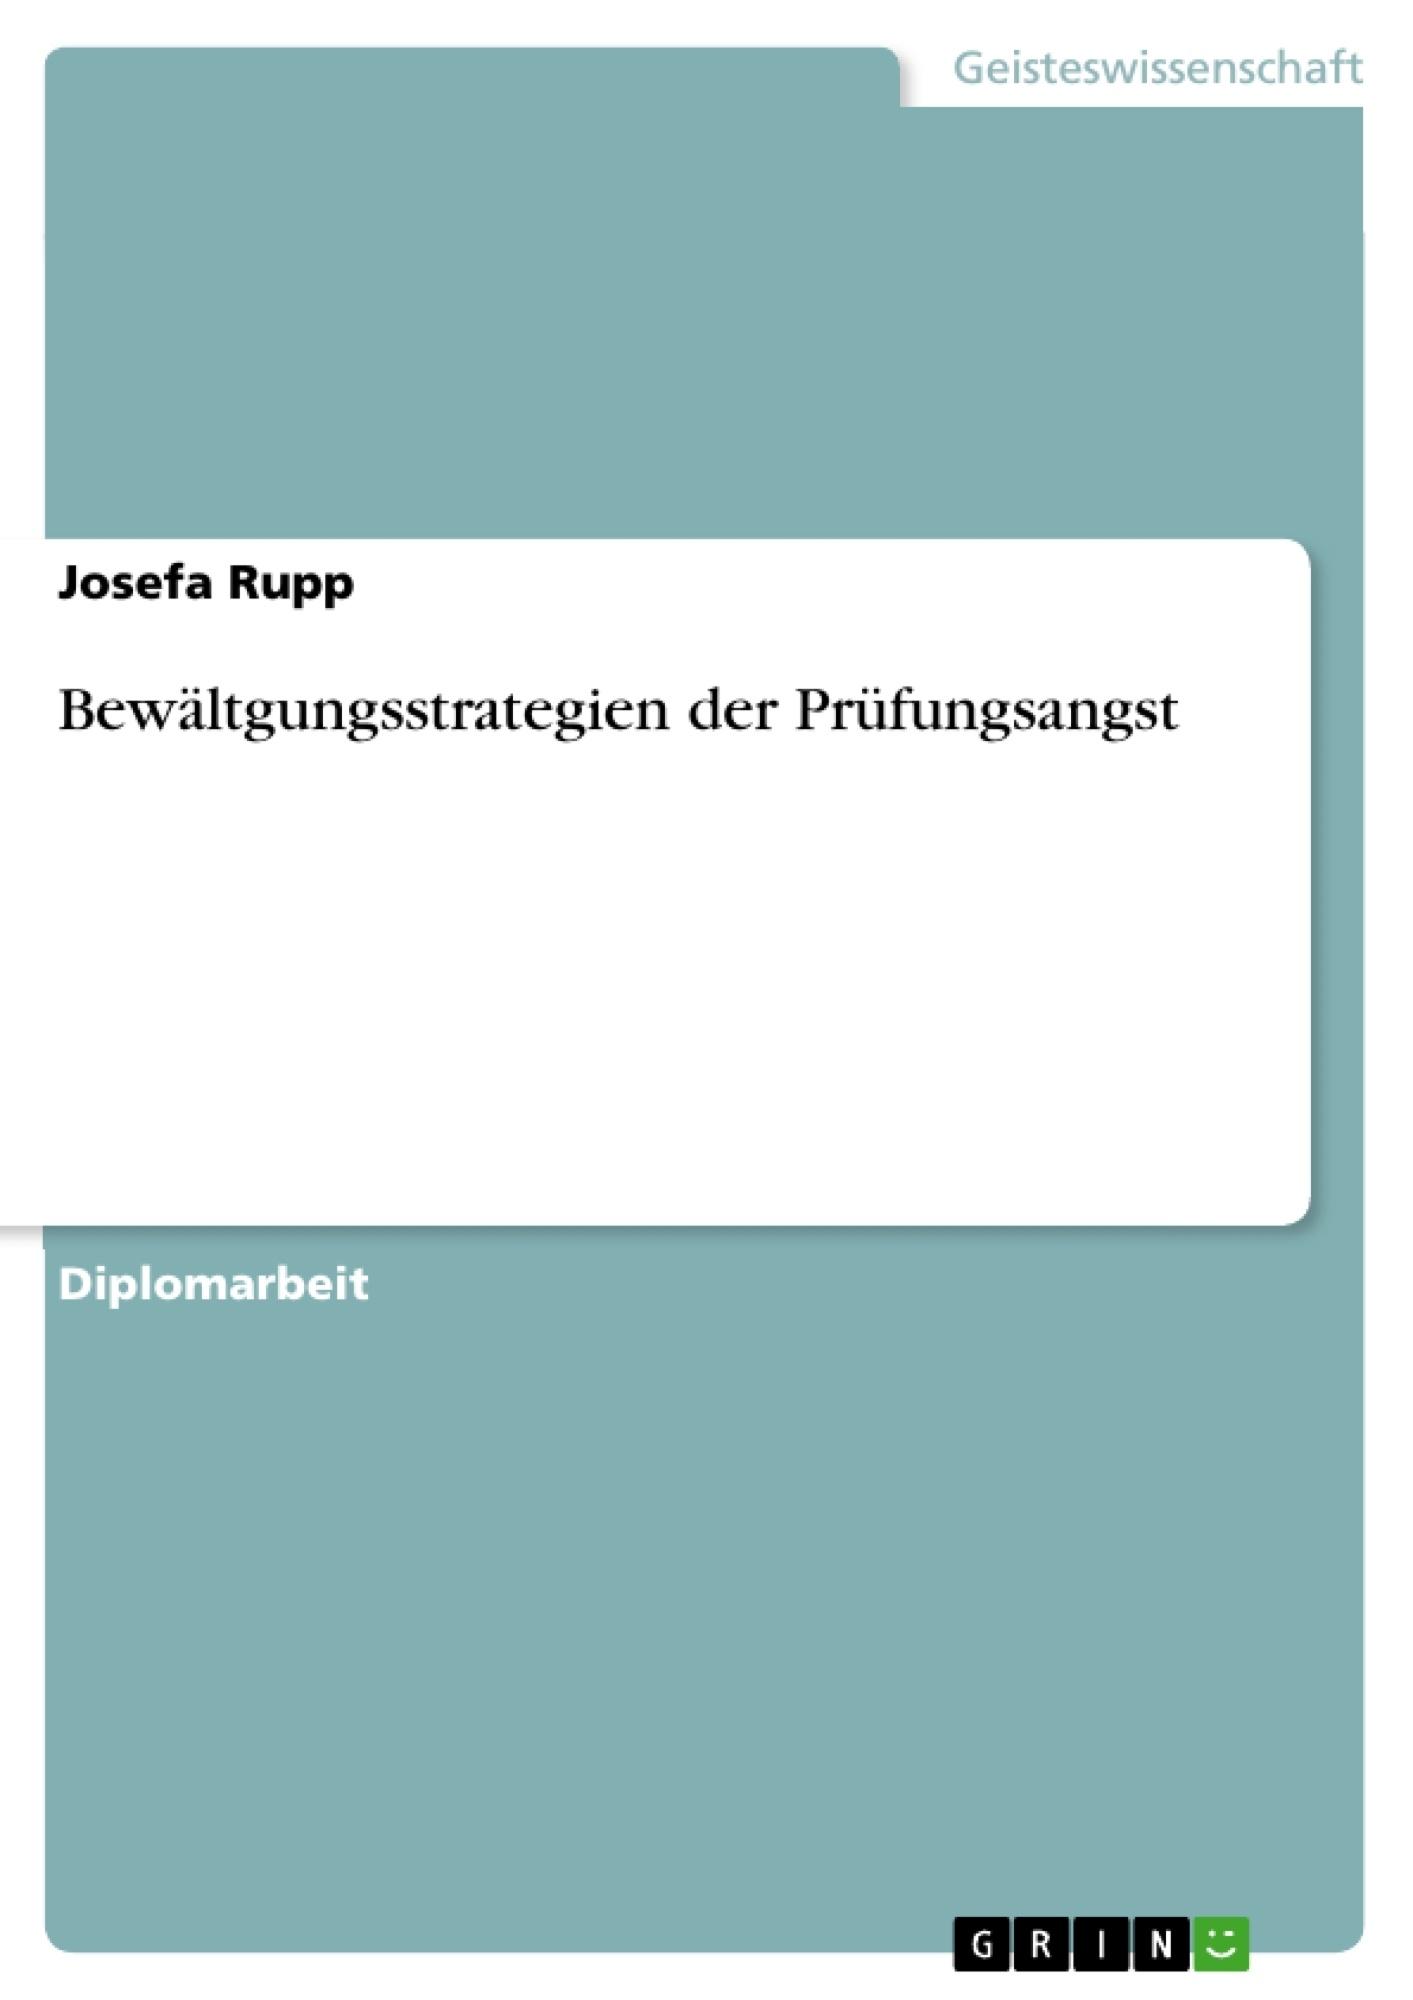 Titel: Bewältgungsstrategien der Prüfungsangst